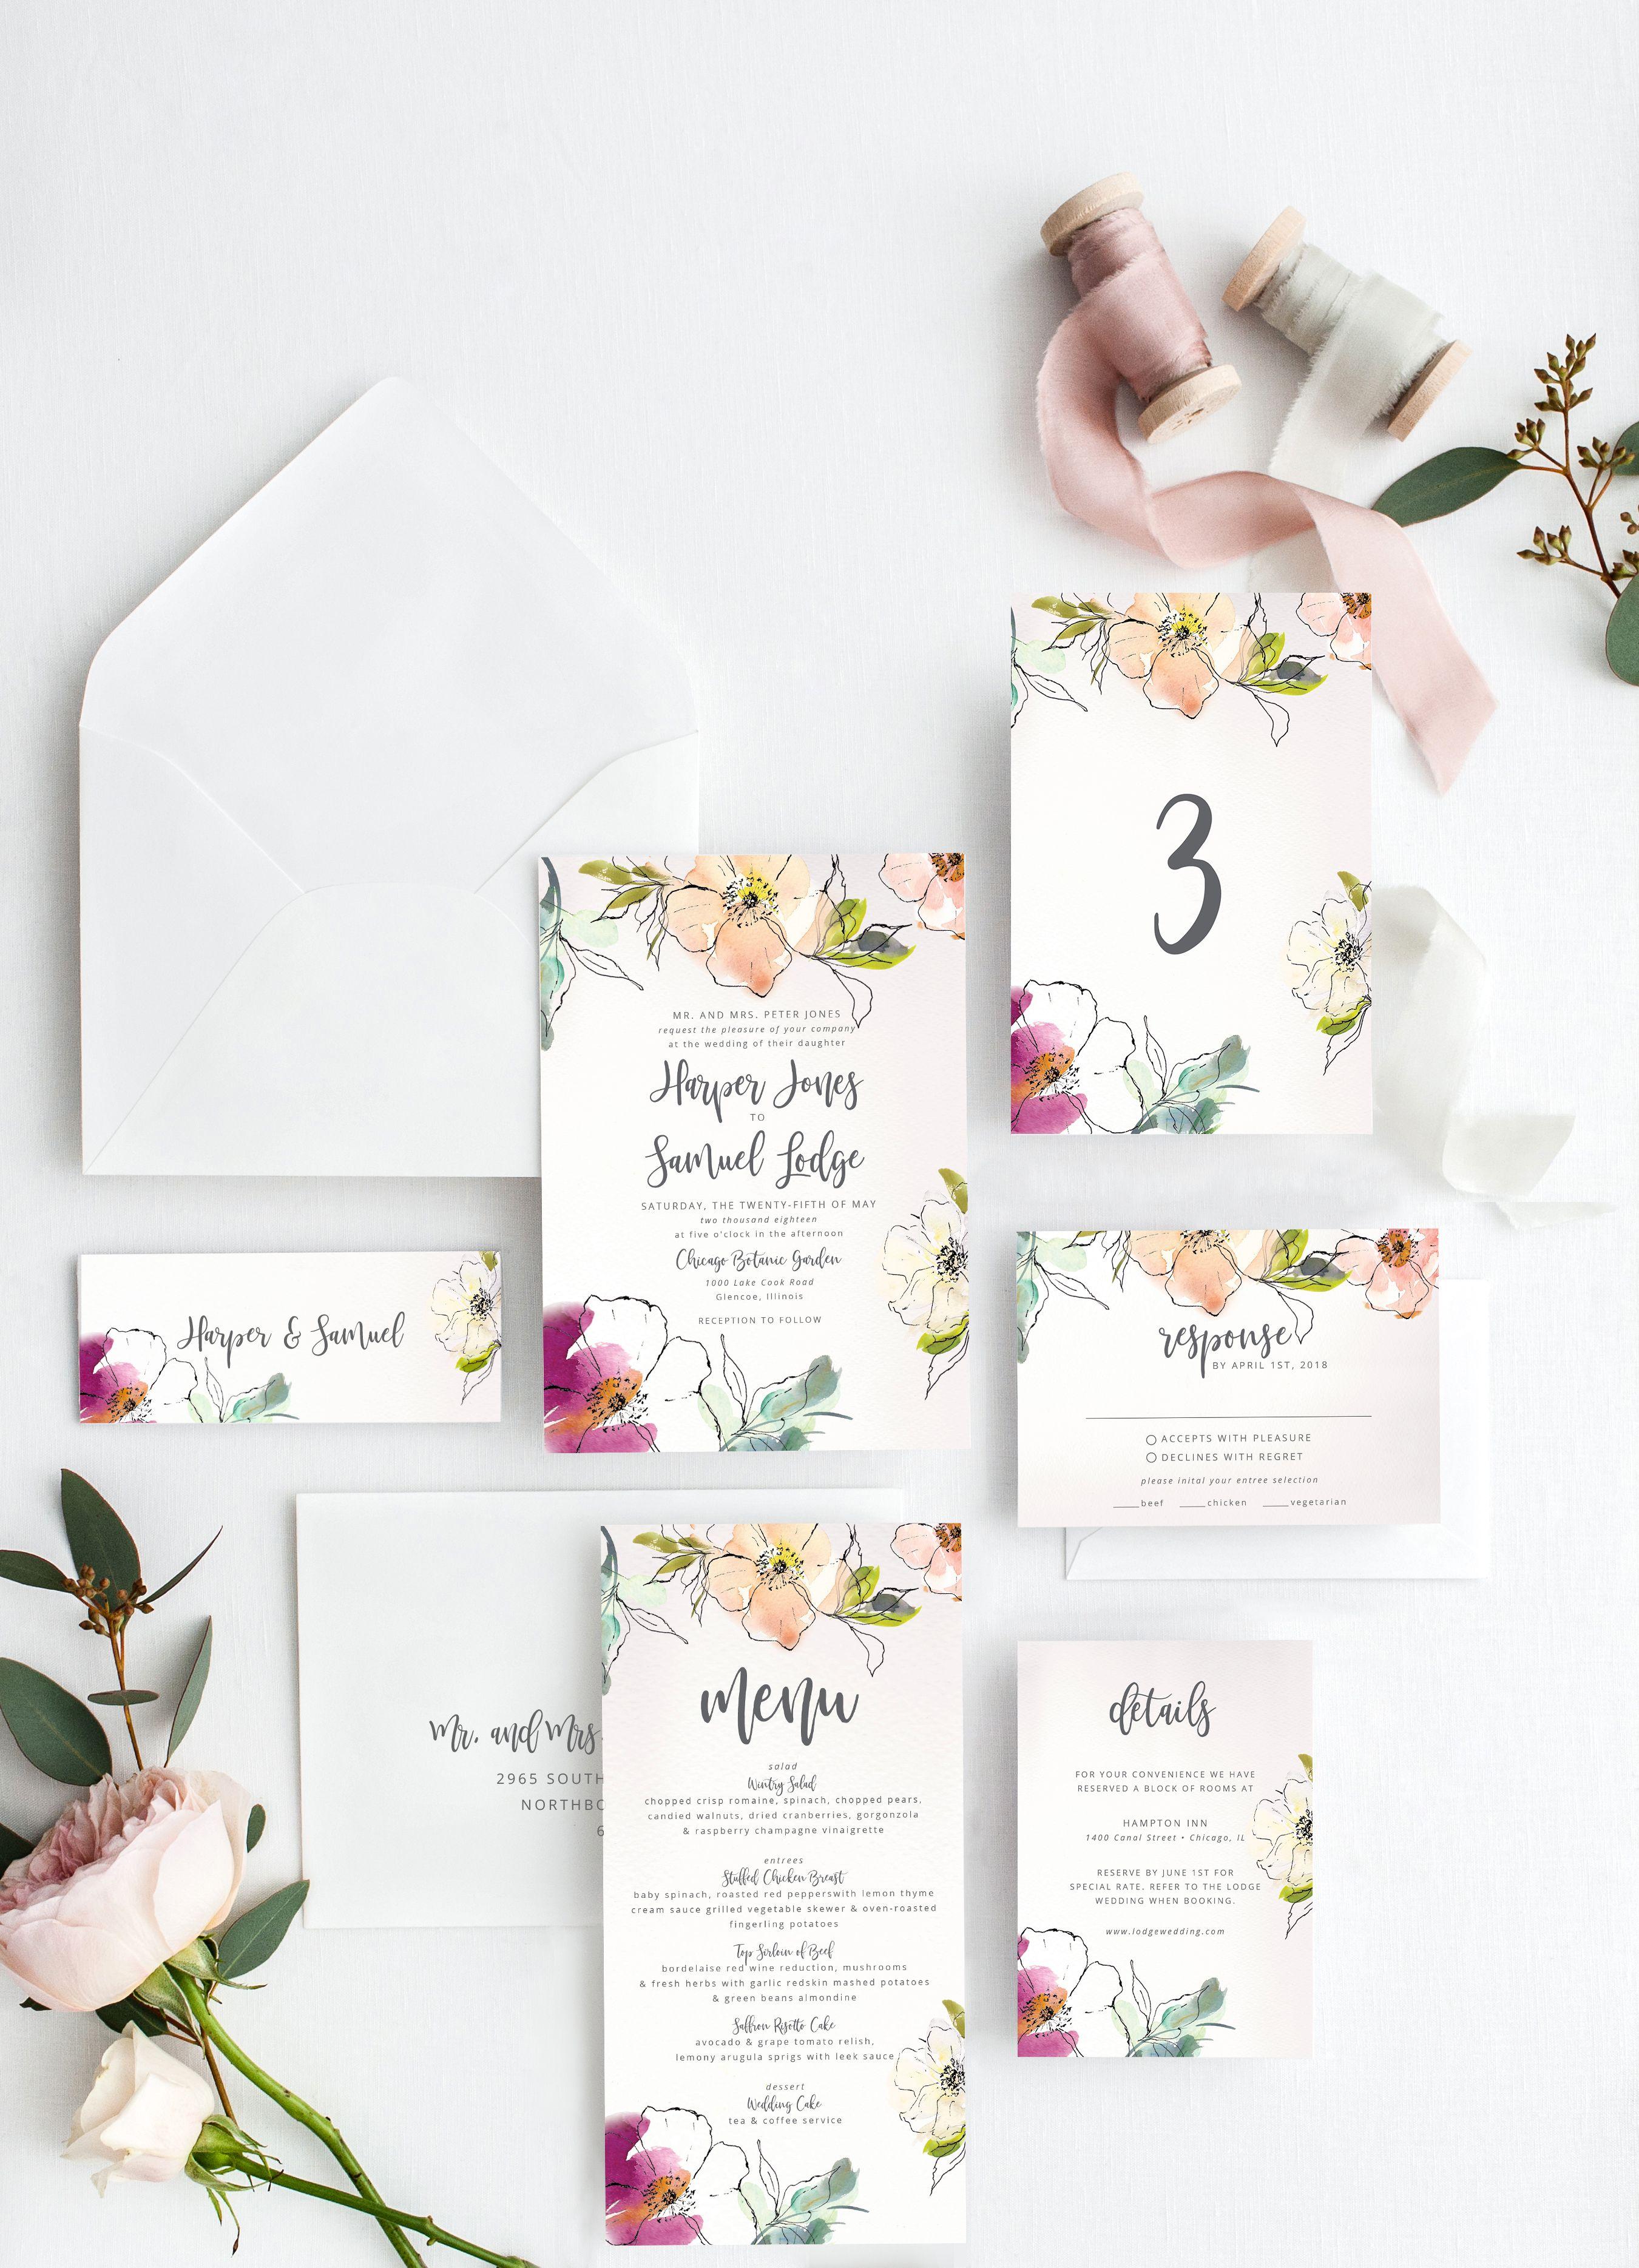 Floral Wedding Invitation Suite Watercolor Wedding Invitation | Etsy |  Spring wedding invitations, Floral wedding invitation suite, Fine wedding  invitations